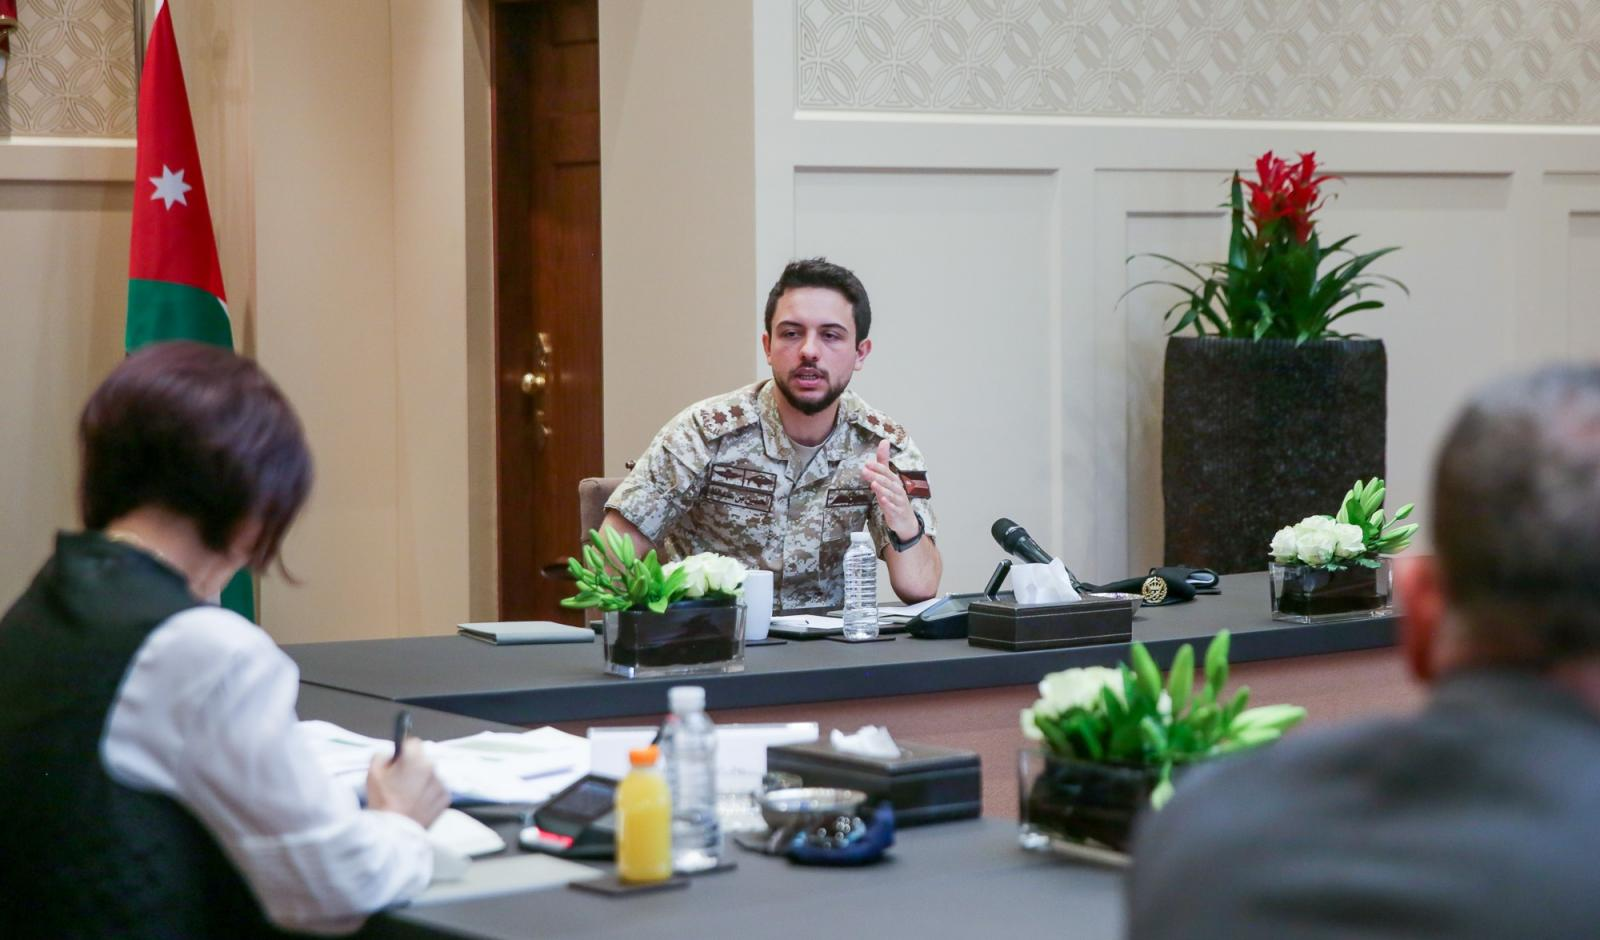 ولي العهد: ضرورة التزام مقدمي الخدمات السياحية بلوائح السلامة العامة